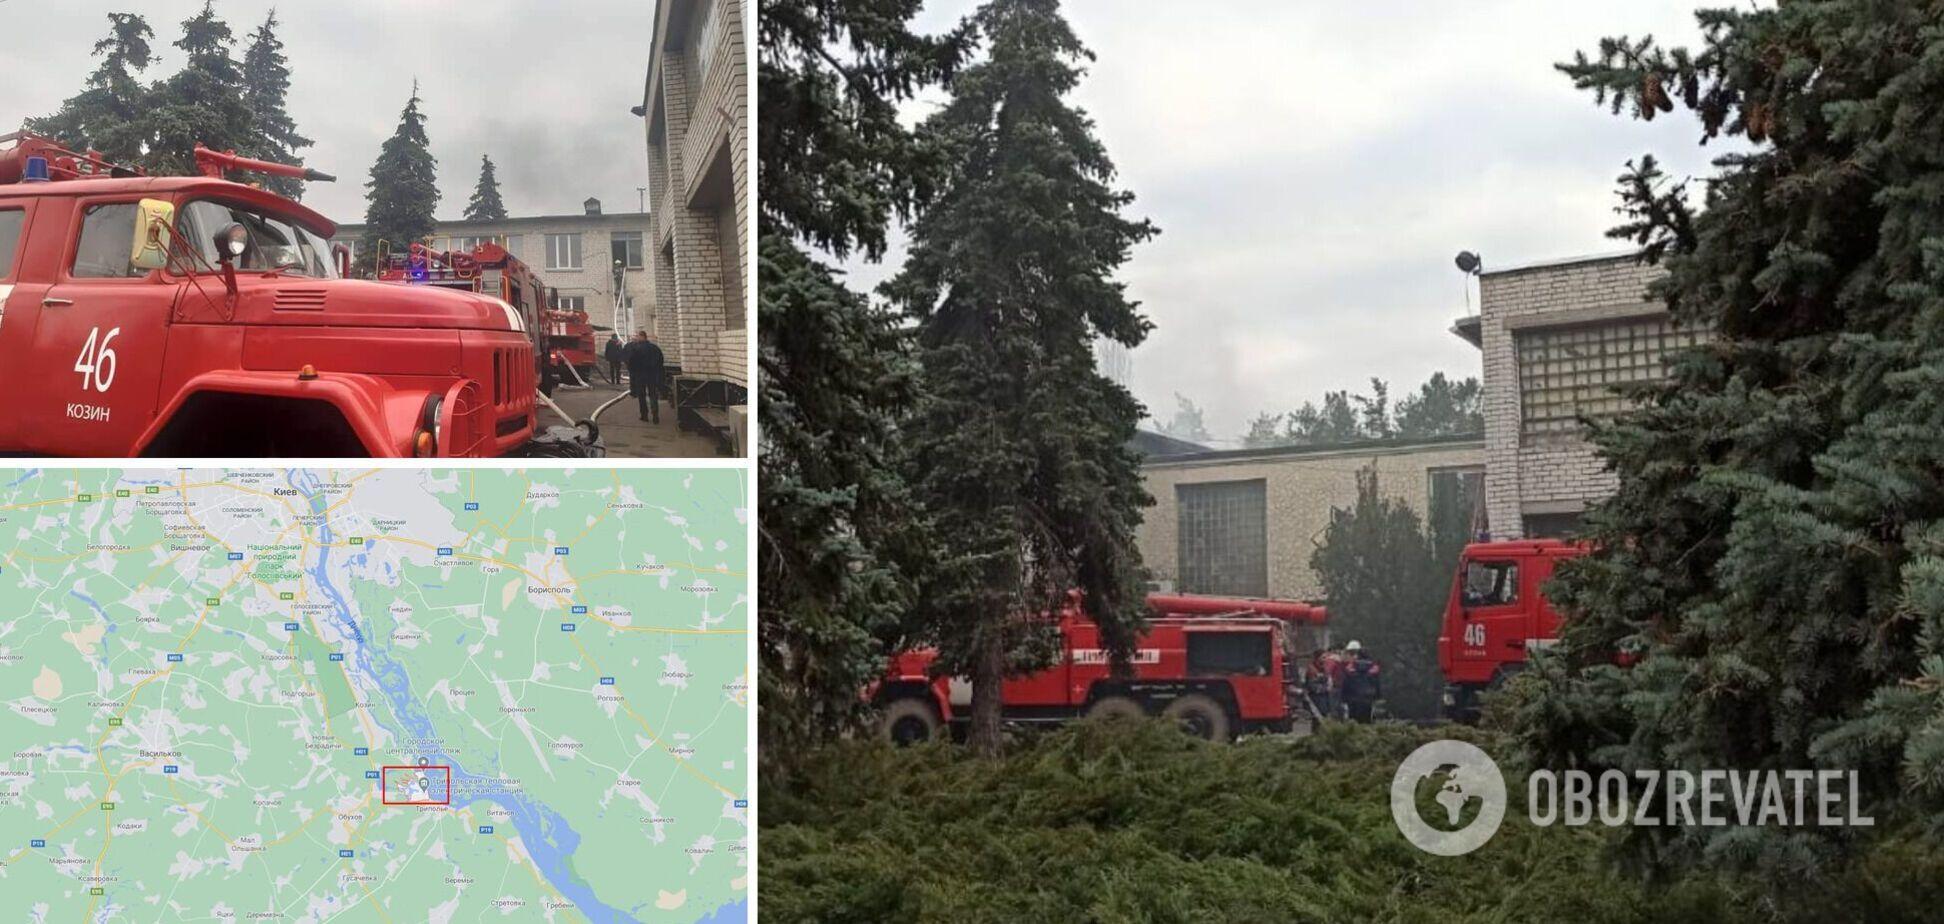 Под Киевом из горящего детского сада эвакуировали 150 детей и взрослых. Фото и видео ЧП